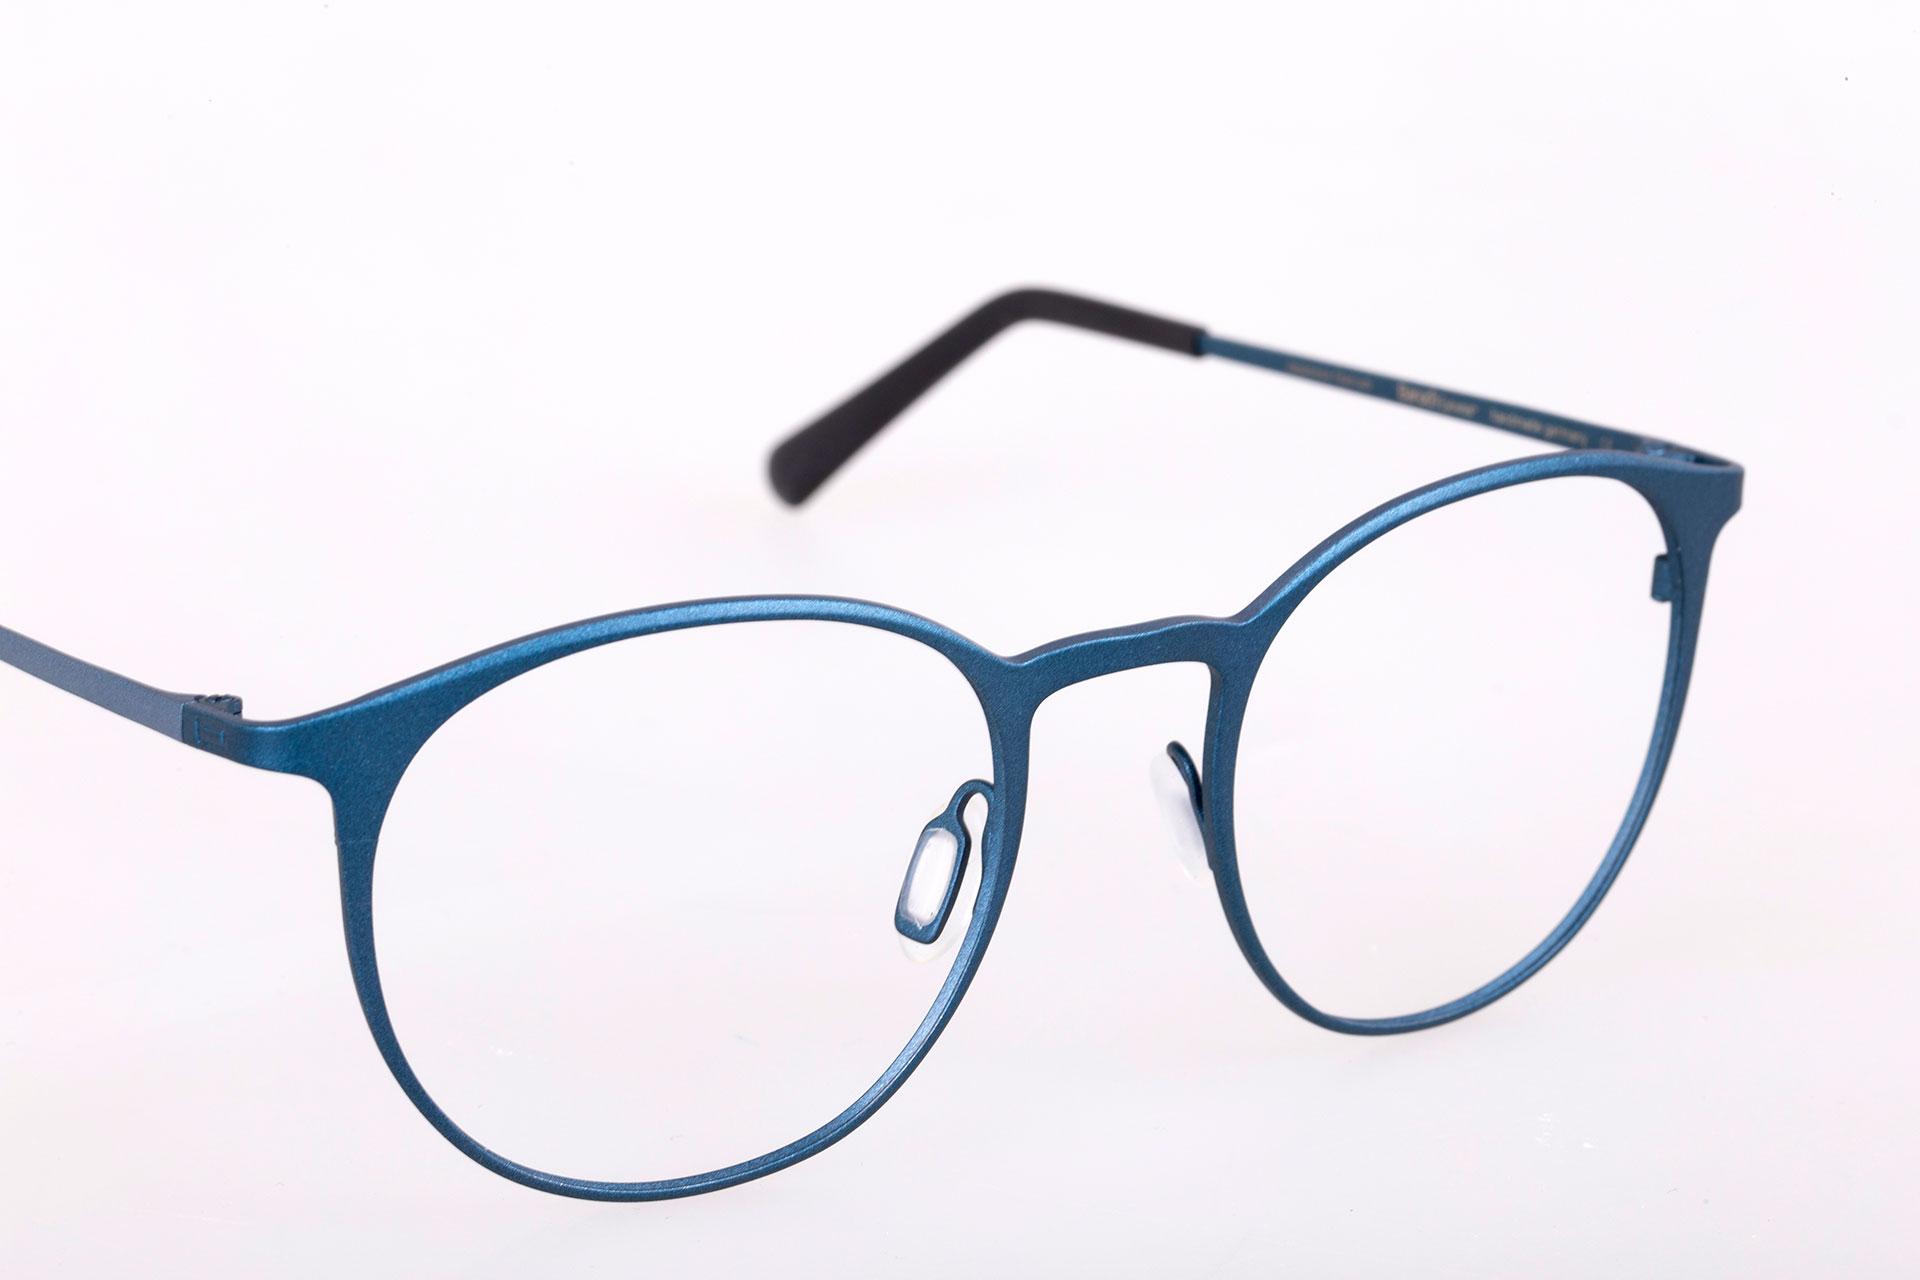 Baruch Eyewear brillen collectie